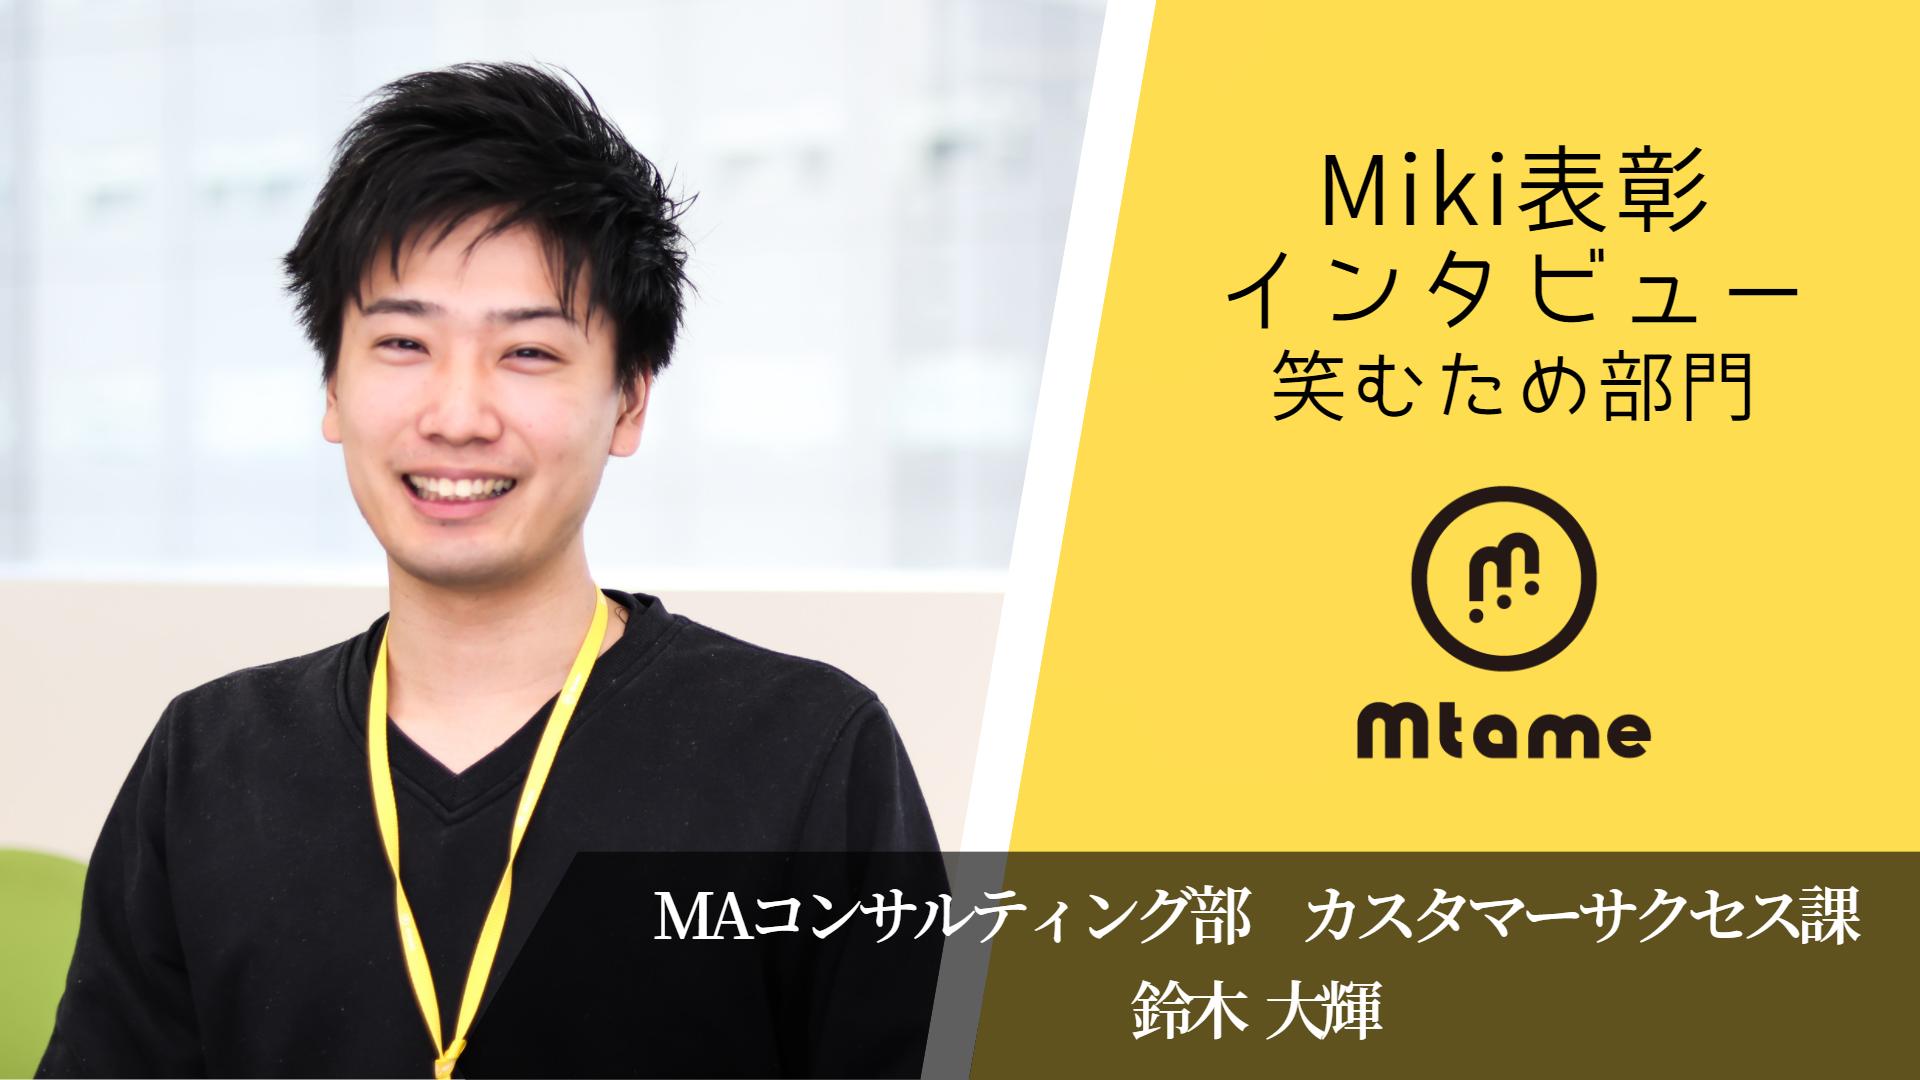 【社員インタビュー公開!】「笑むために、自分の得意領域を作りたい」 鈴木大輝